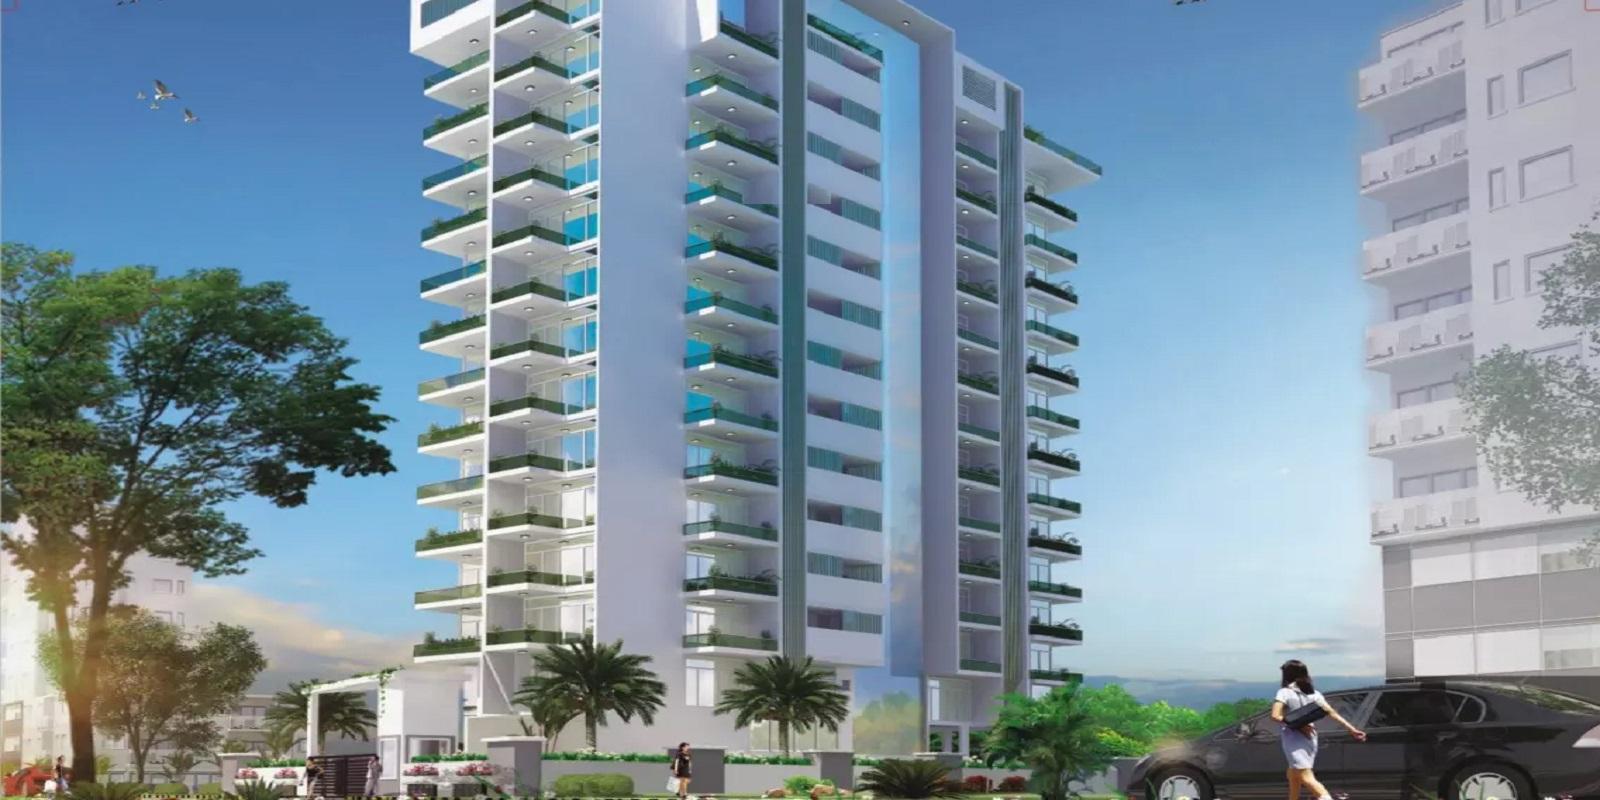 unishire pratyaksh project large image2